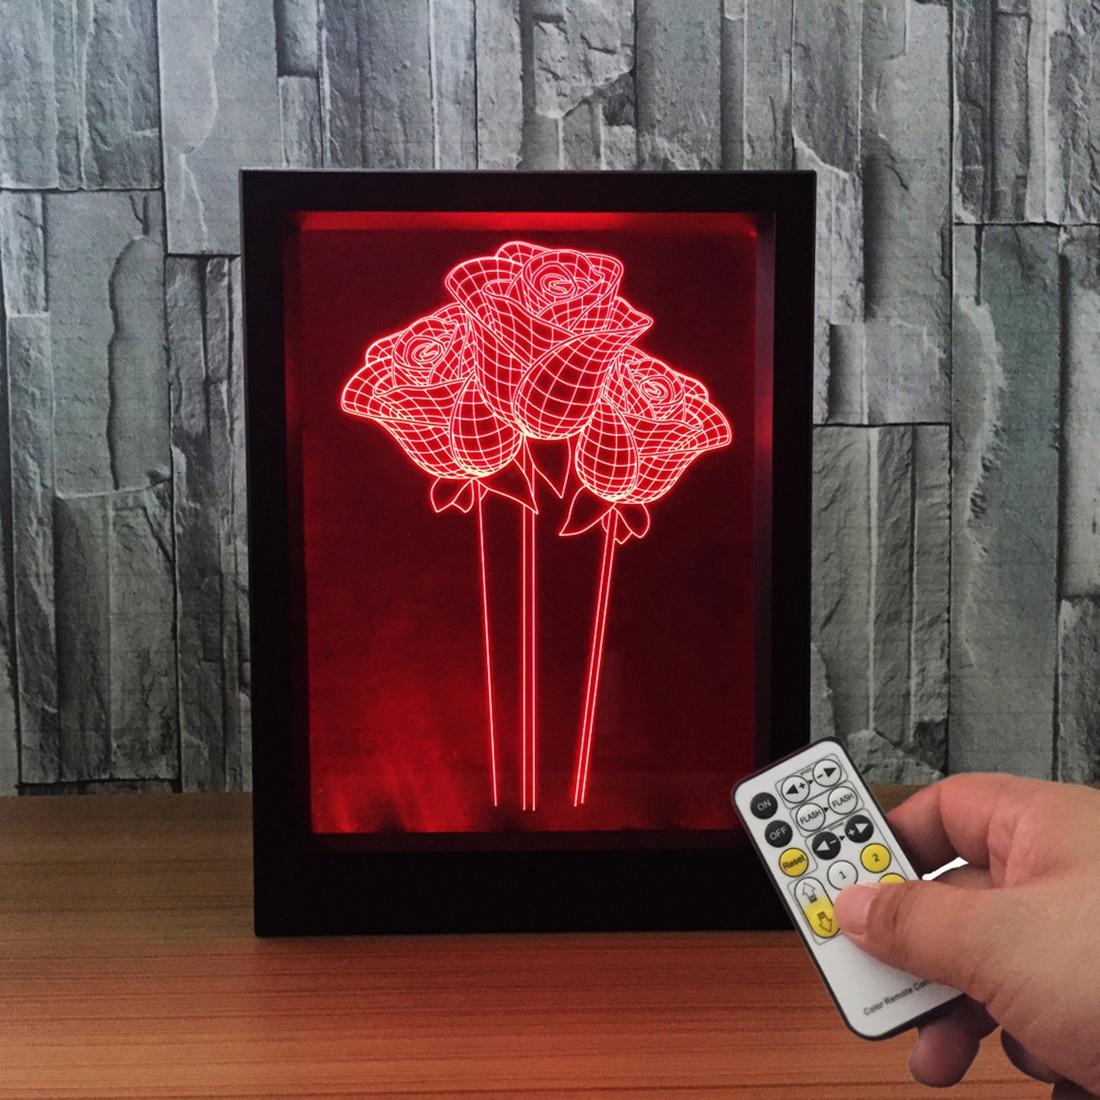 3D с рисунком Розы 7 цветов светодиодный Ночные огни творческий ночники День Святого Валентина творческий подарок Frame лампы с дистанционным ...